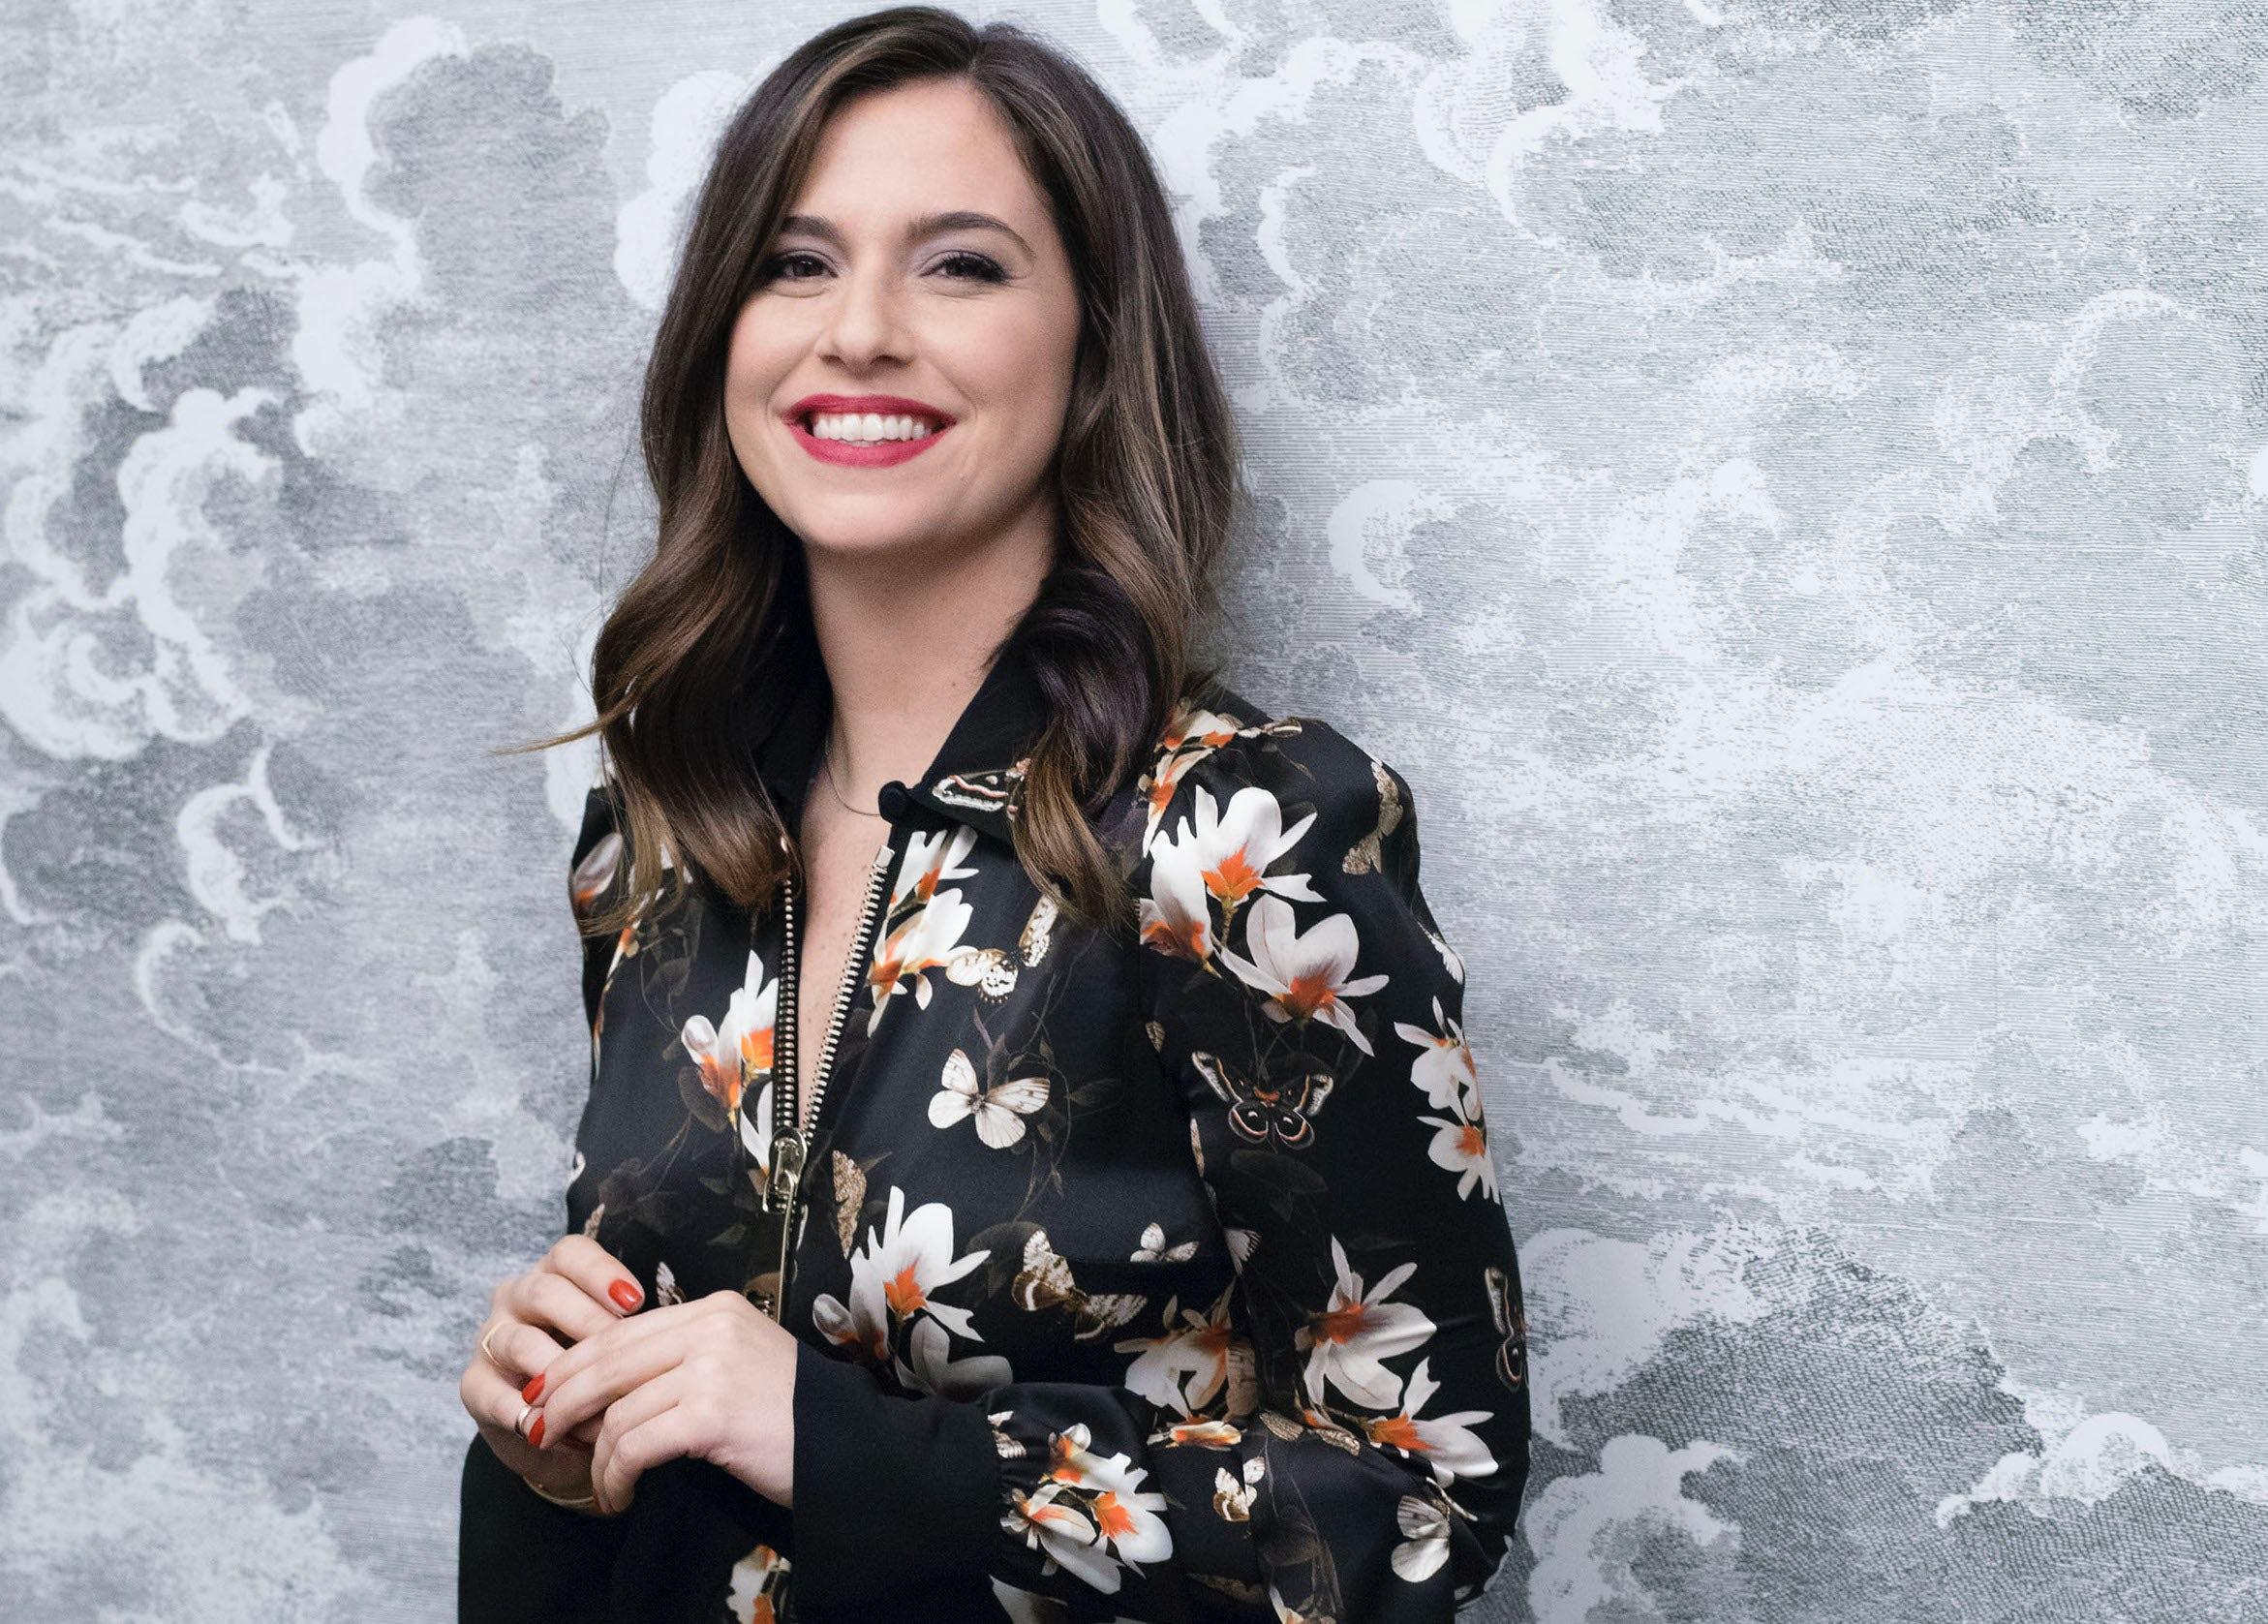 Profile image for Paula Cademartori